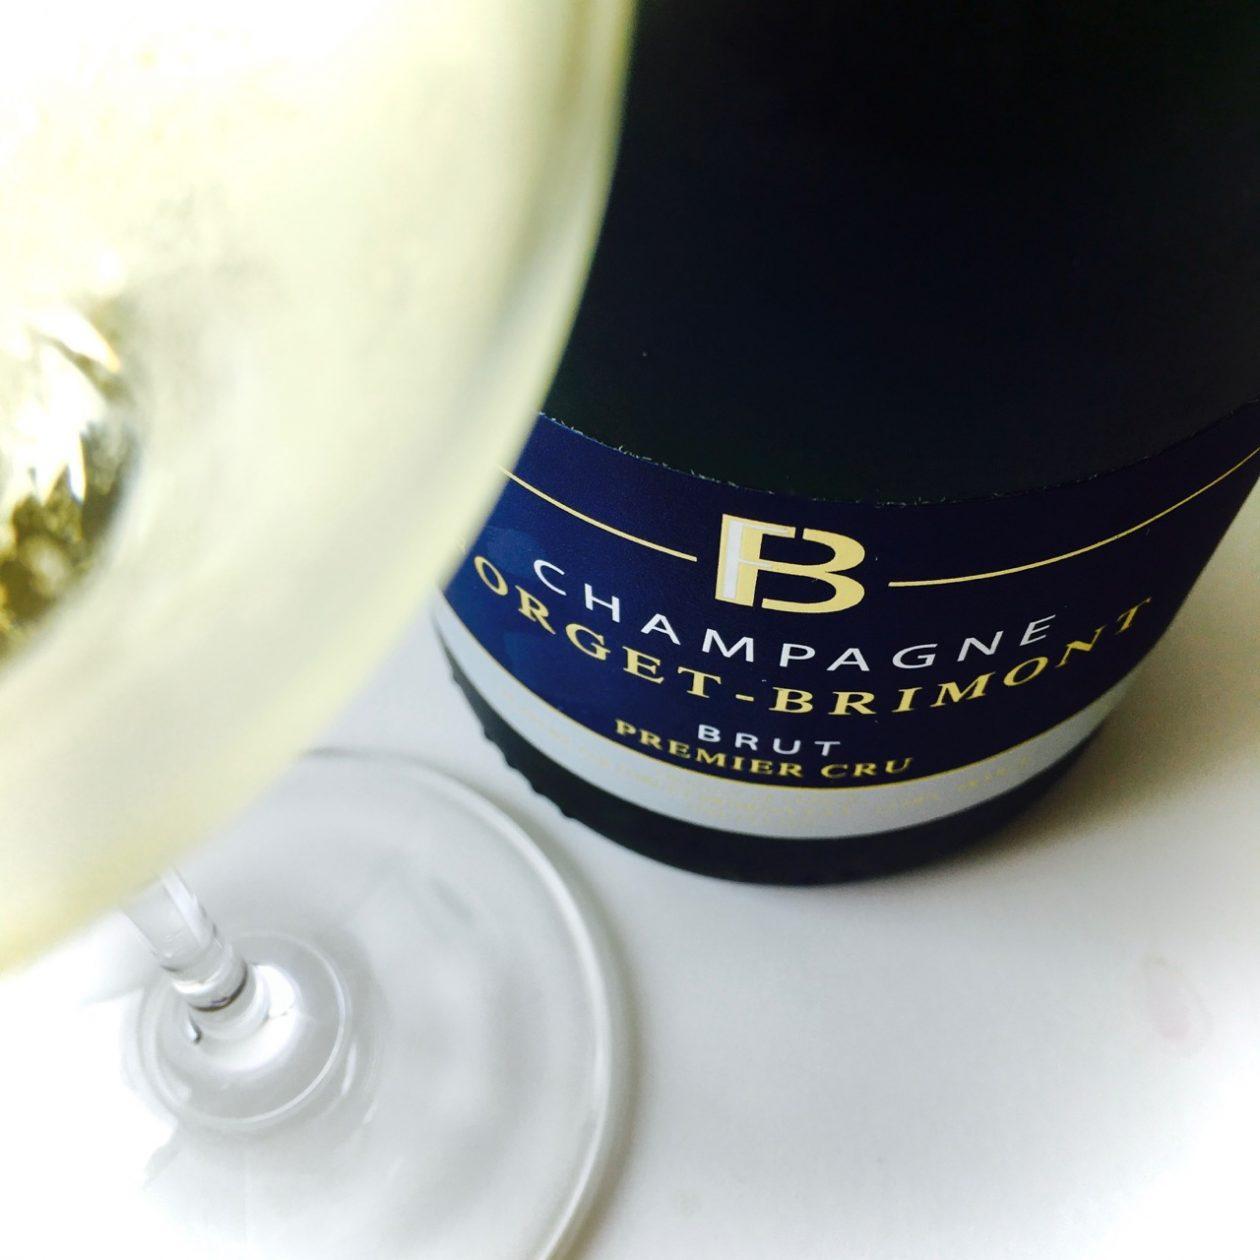 NV Forget-Brimont Brut Champagne